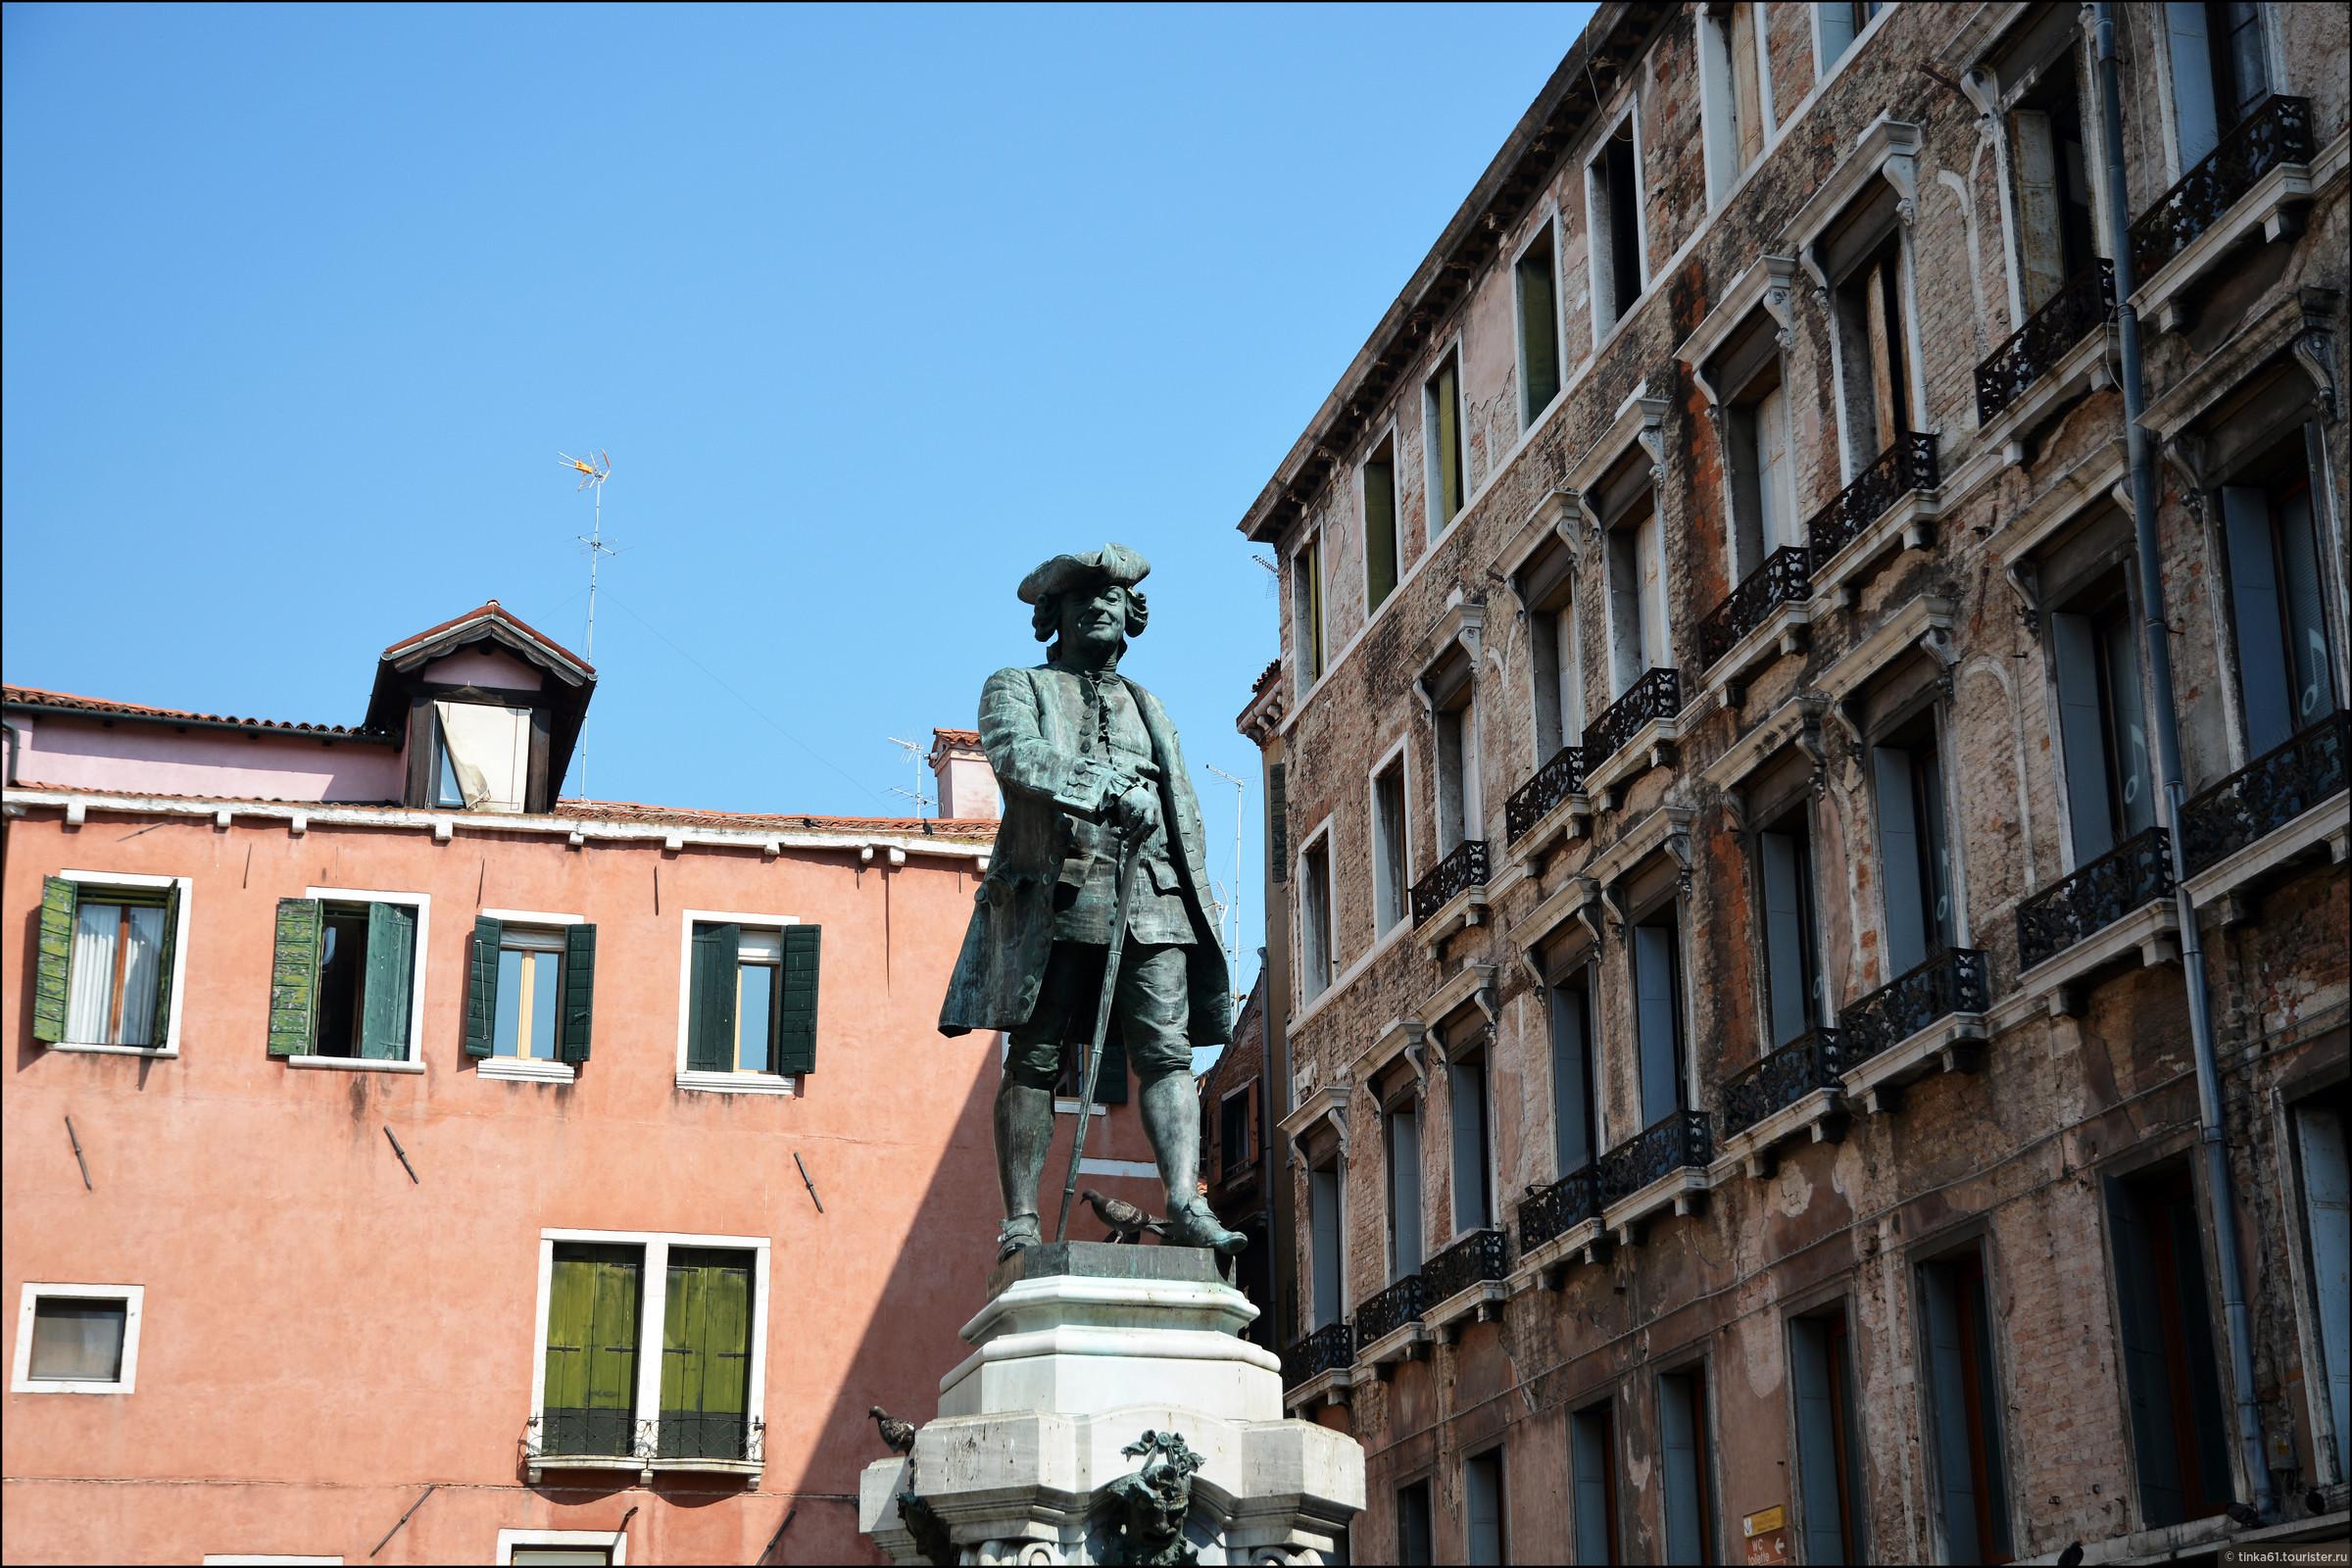 На площади Гольдони. Народищу там было столько, что пришлось фотографировать в  обрезанном варианте., Венеция. Земля